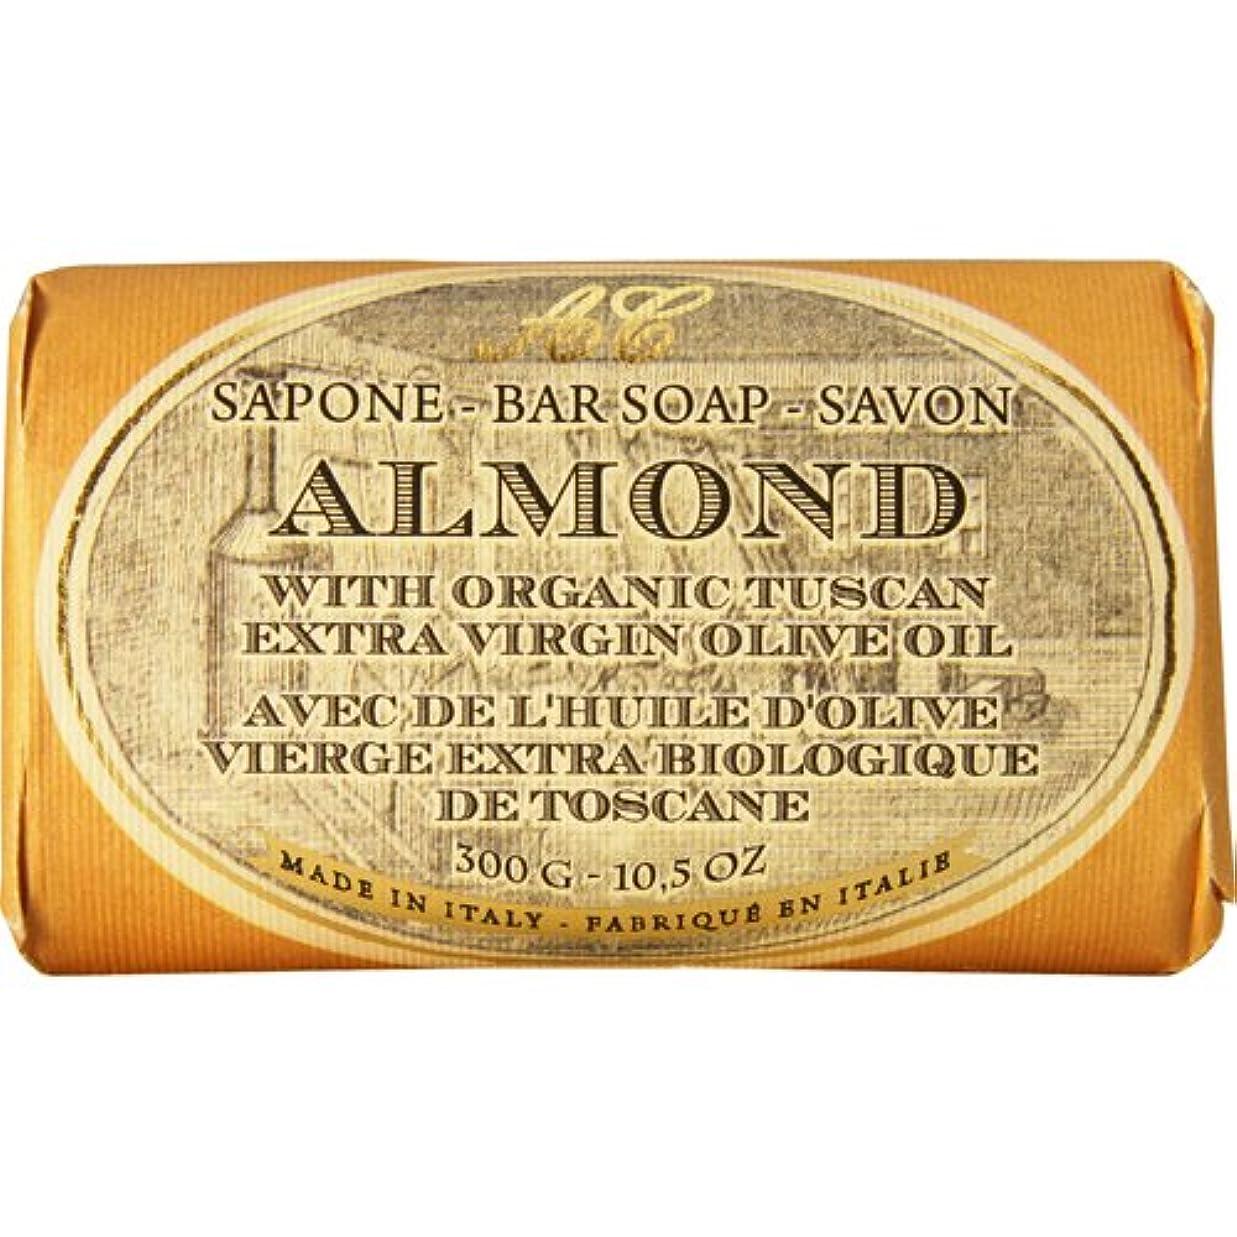 ラリー一貫性のないイブSaponerire Fissi レトロシリーズ Bar Soap バーソープ 300g Almond アーモンドオイル